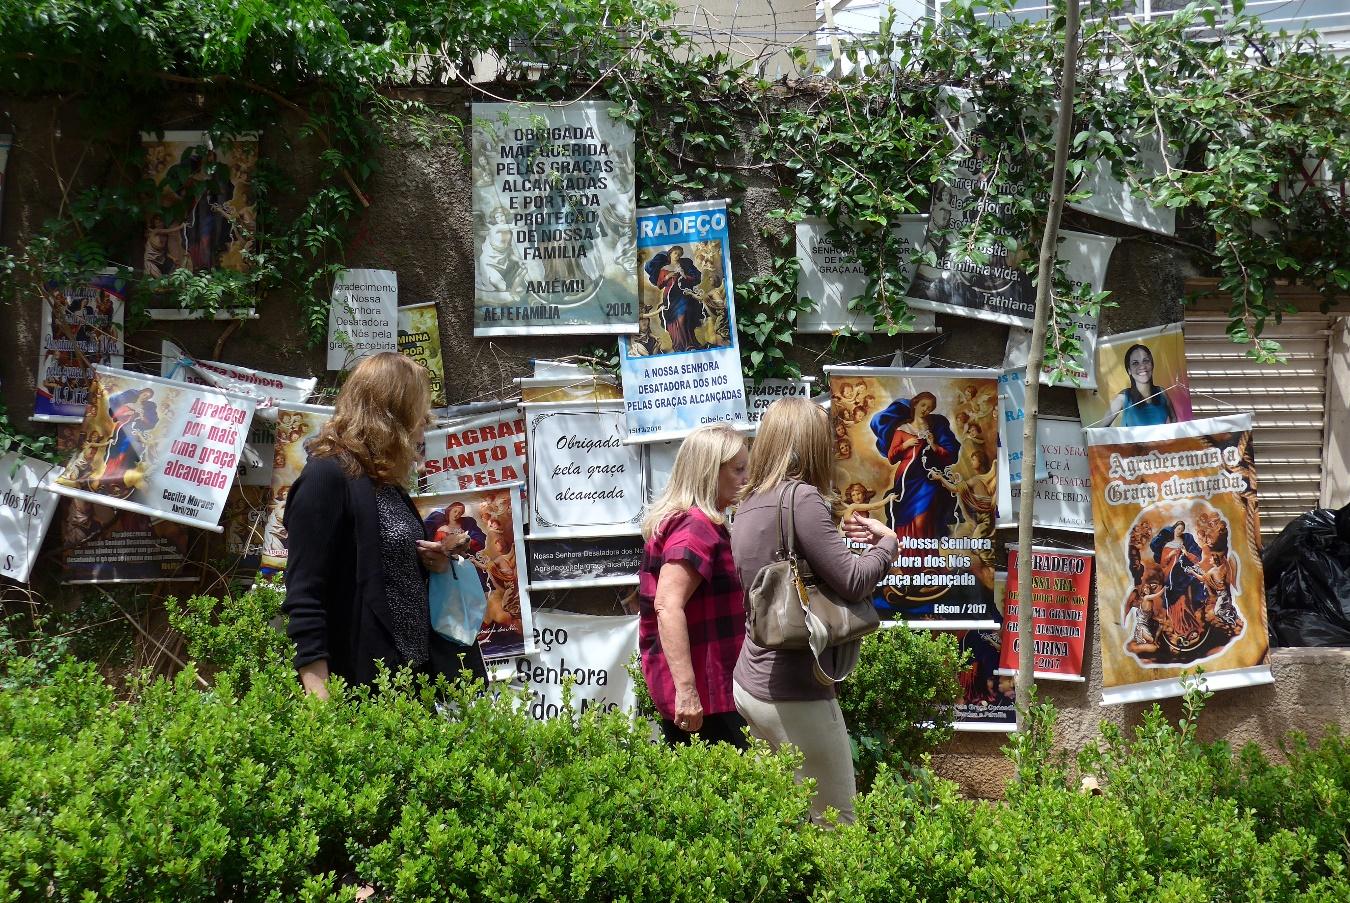 Ex-voto sur le trottoir du sanctuaire de Notre Dame des Nœuds, Campina, Brésil, 3 octobre 2017. Photo Renée de la Torre.